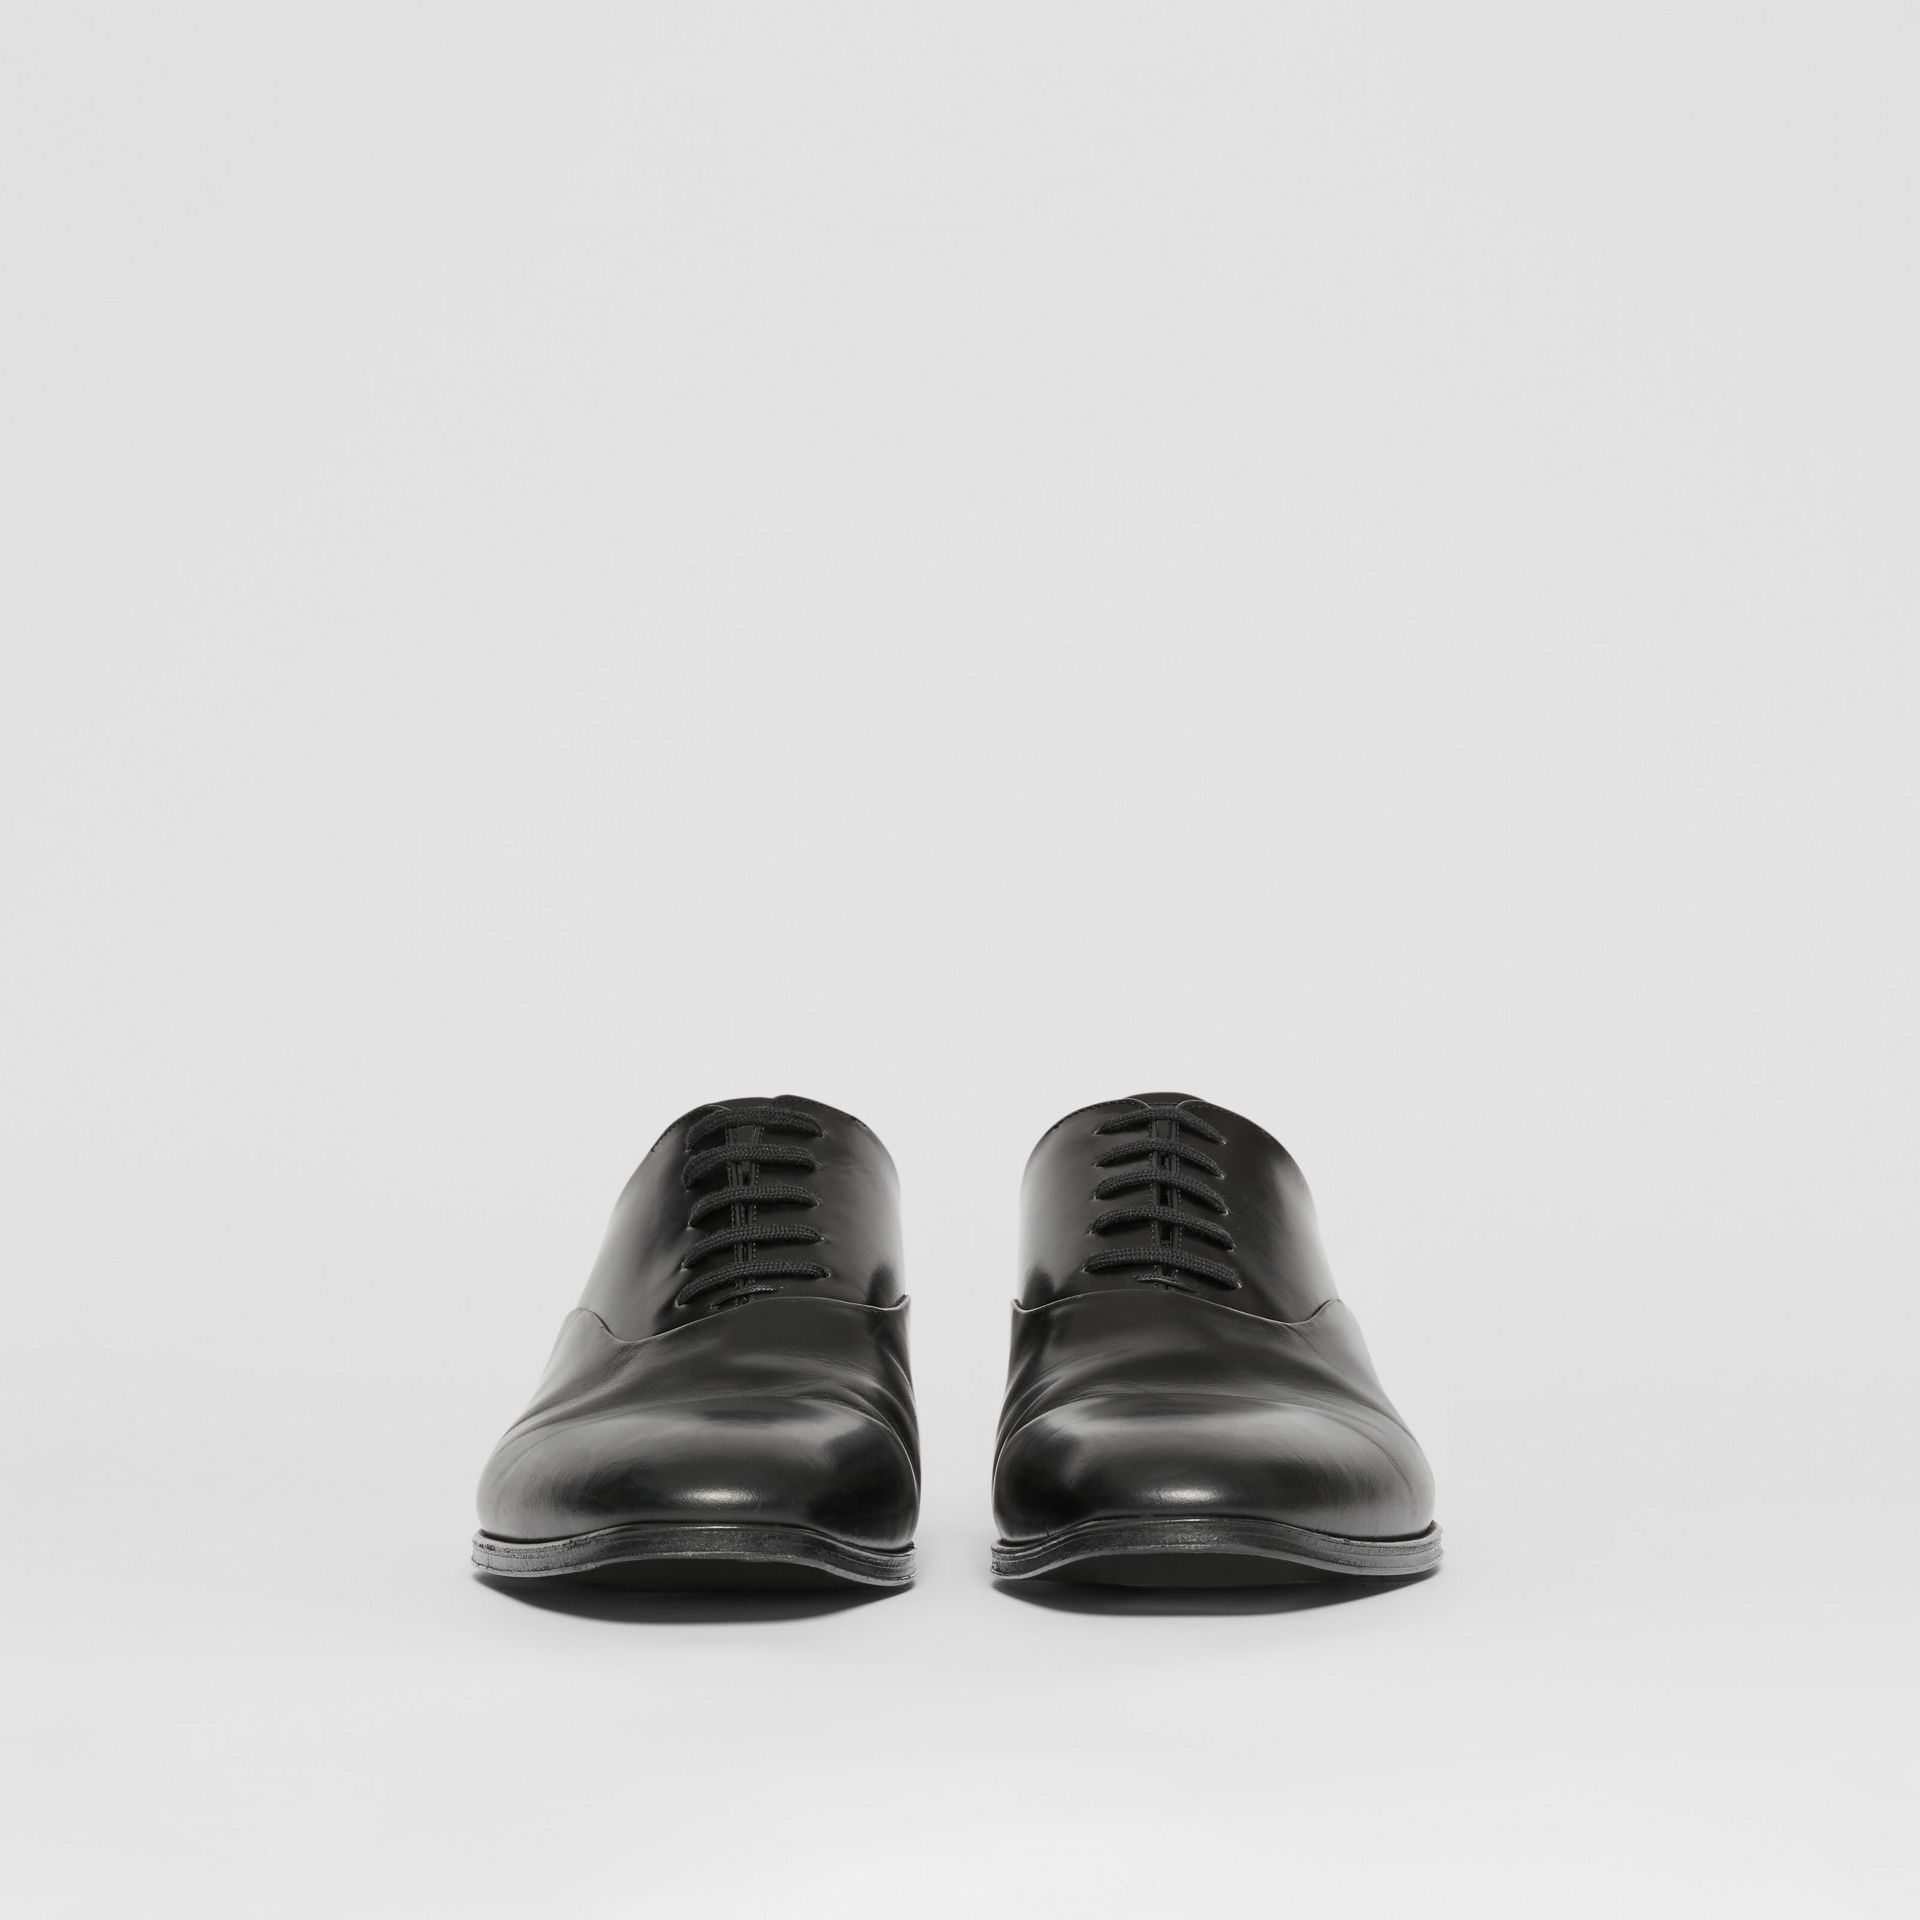 レザー・オックスフォードシューズ (ブラック) - メンズ | バーバリー - ギャラリーイメージ 2